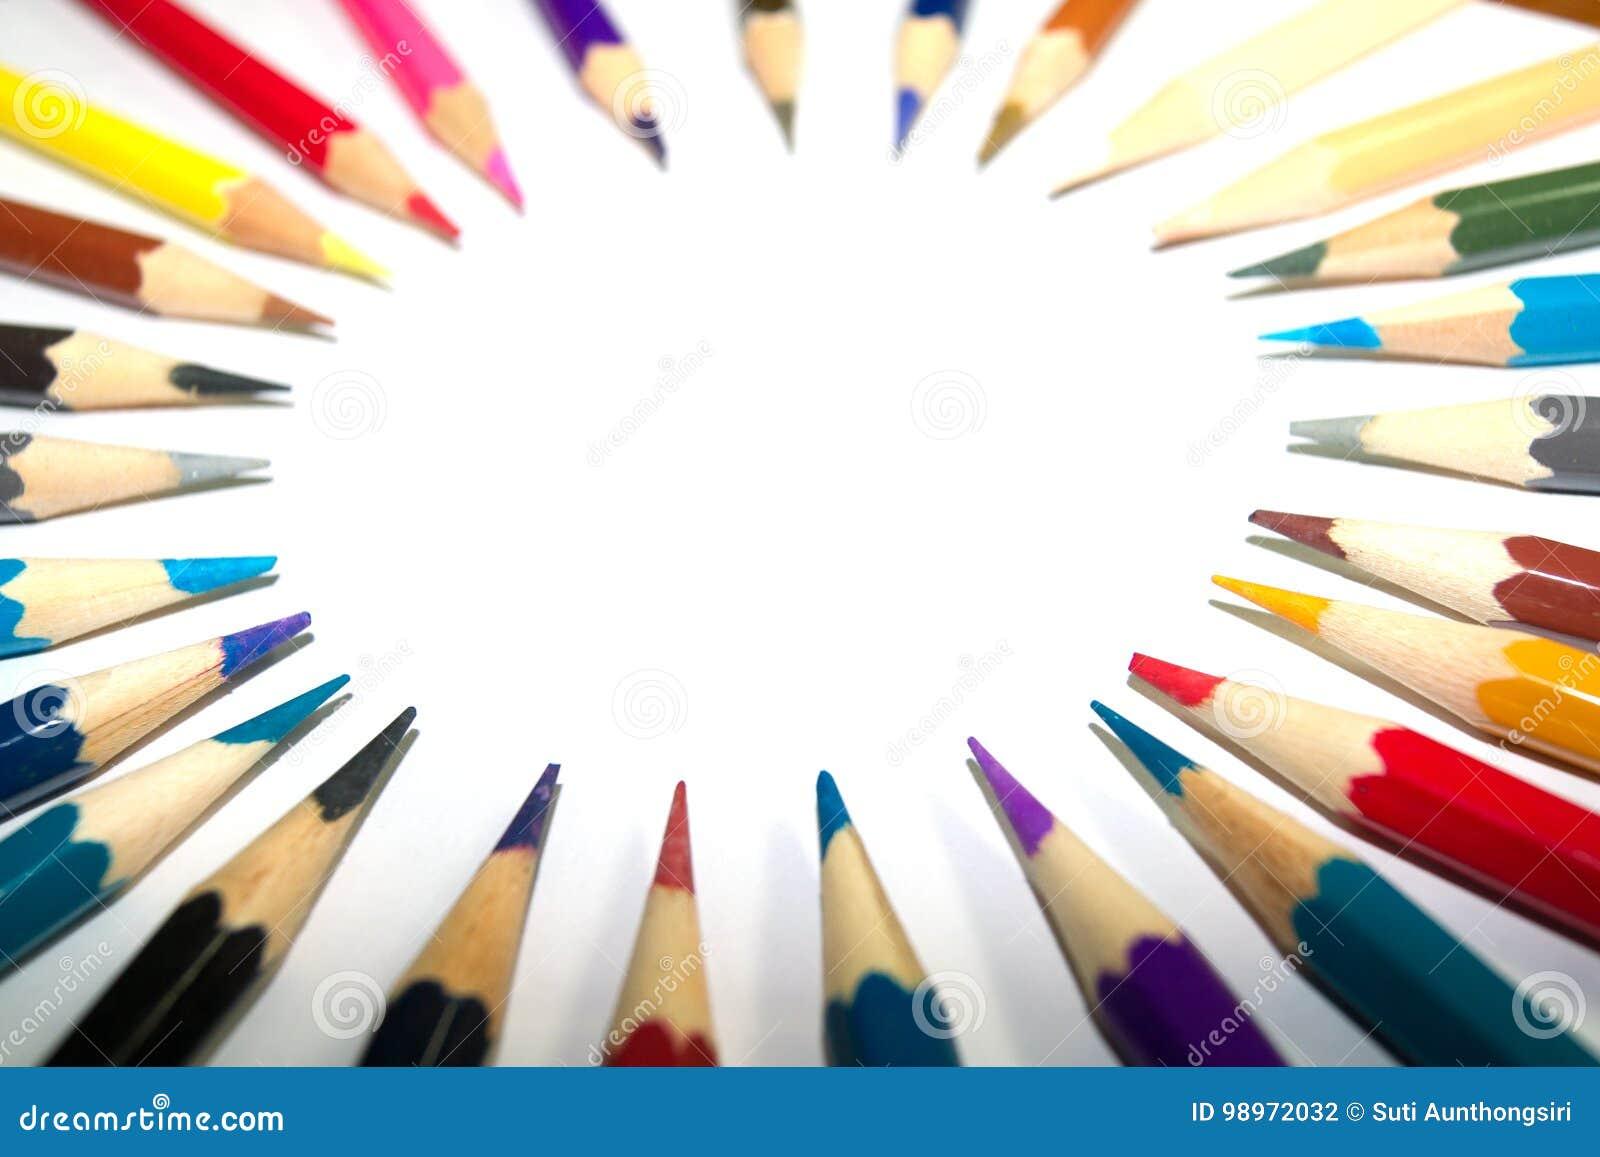 Artigos de papelaria usados para pintar a arte